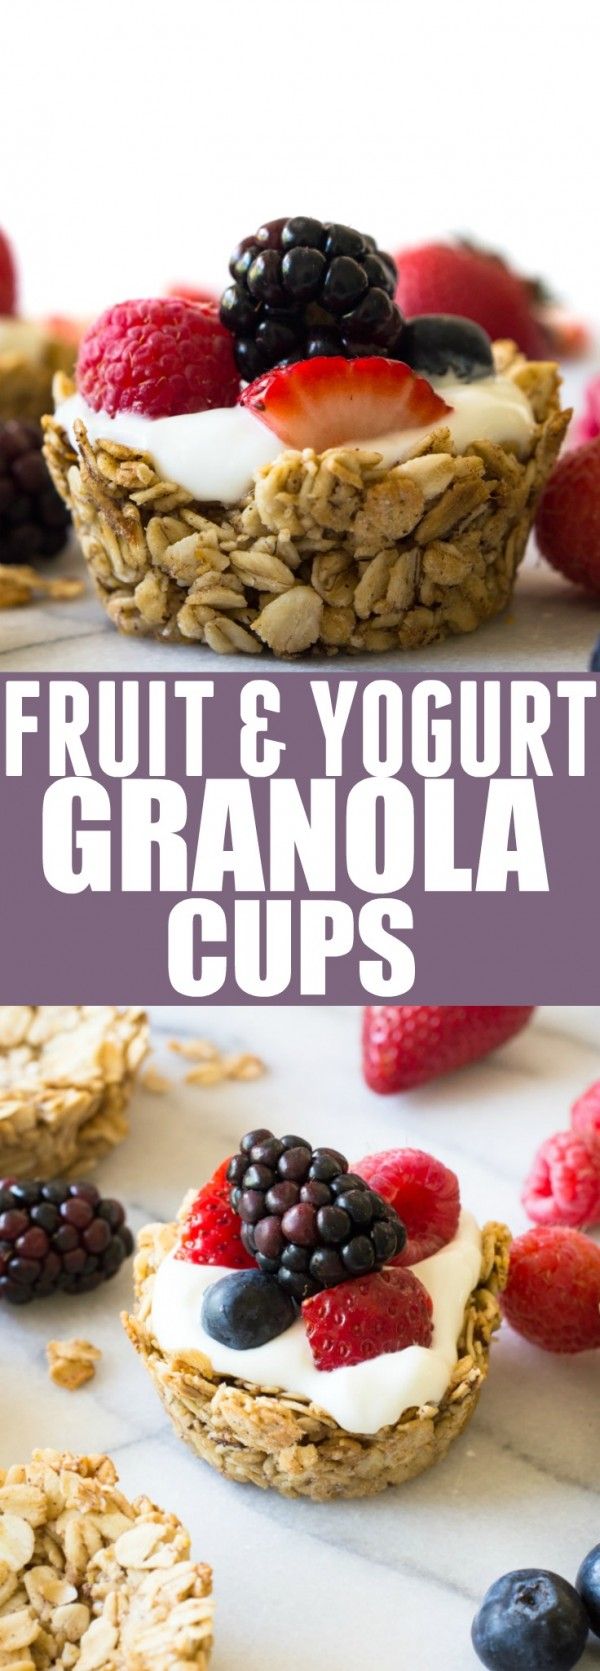 Get the recipe Fruit and Yogurt Granola Cups @recipes_to_go